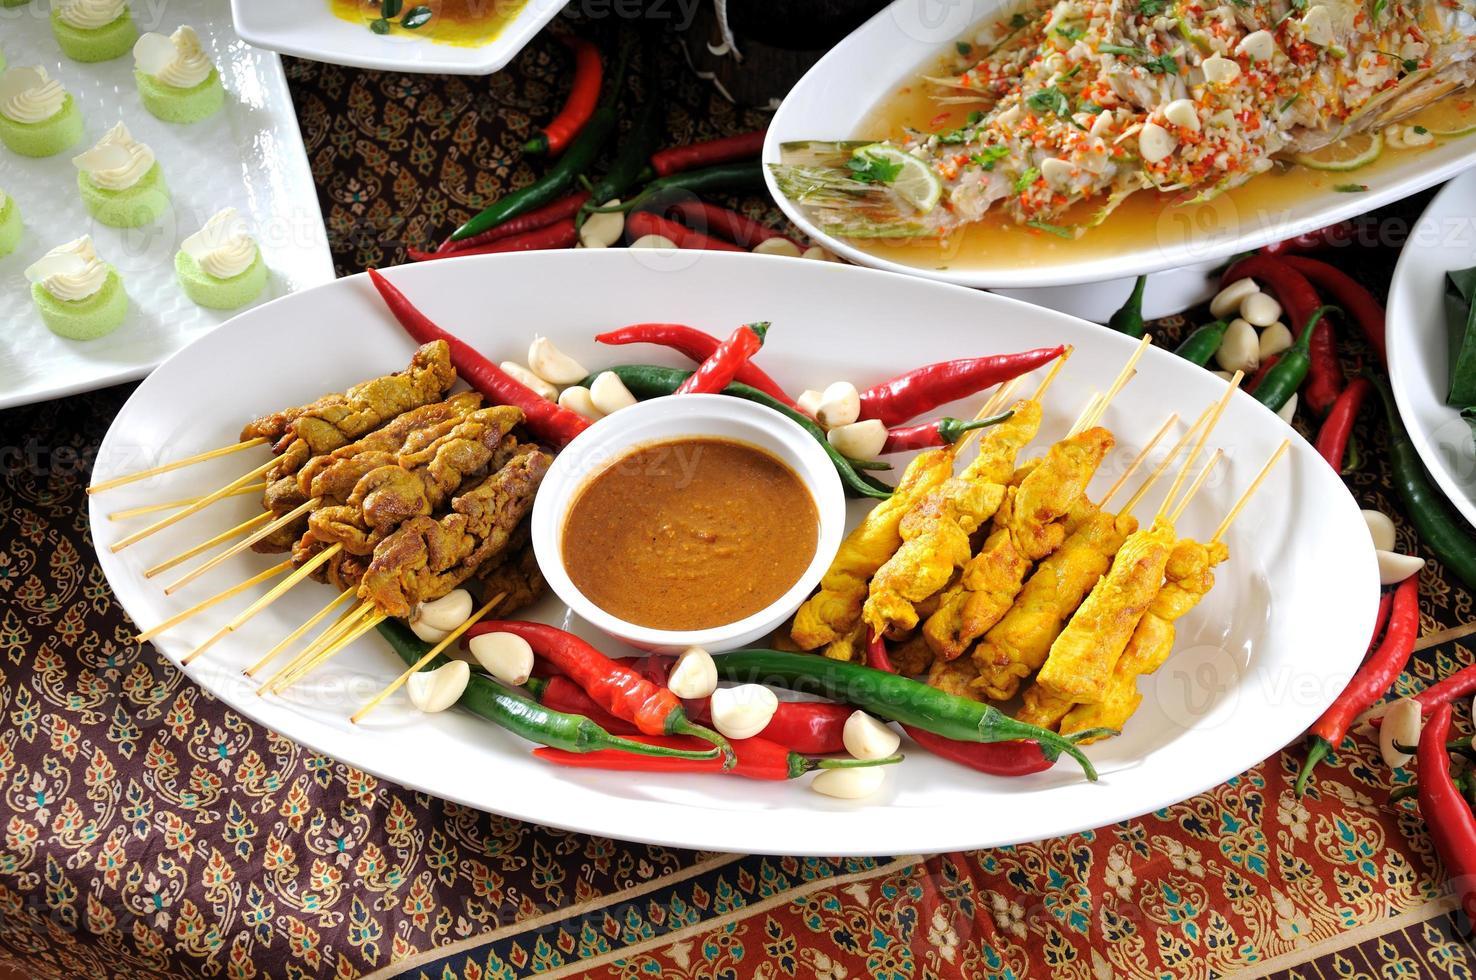 cocina tailandesa, pollo satay, carne satay. foto